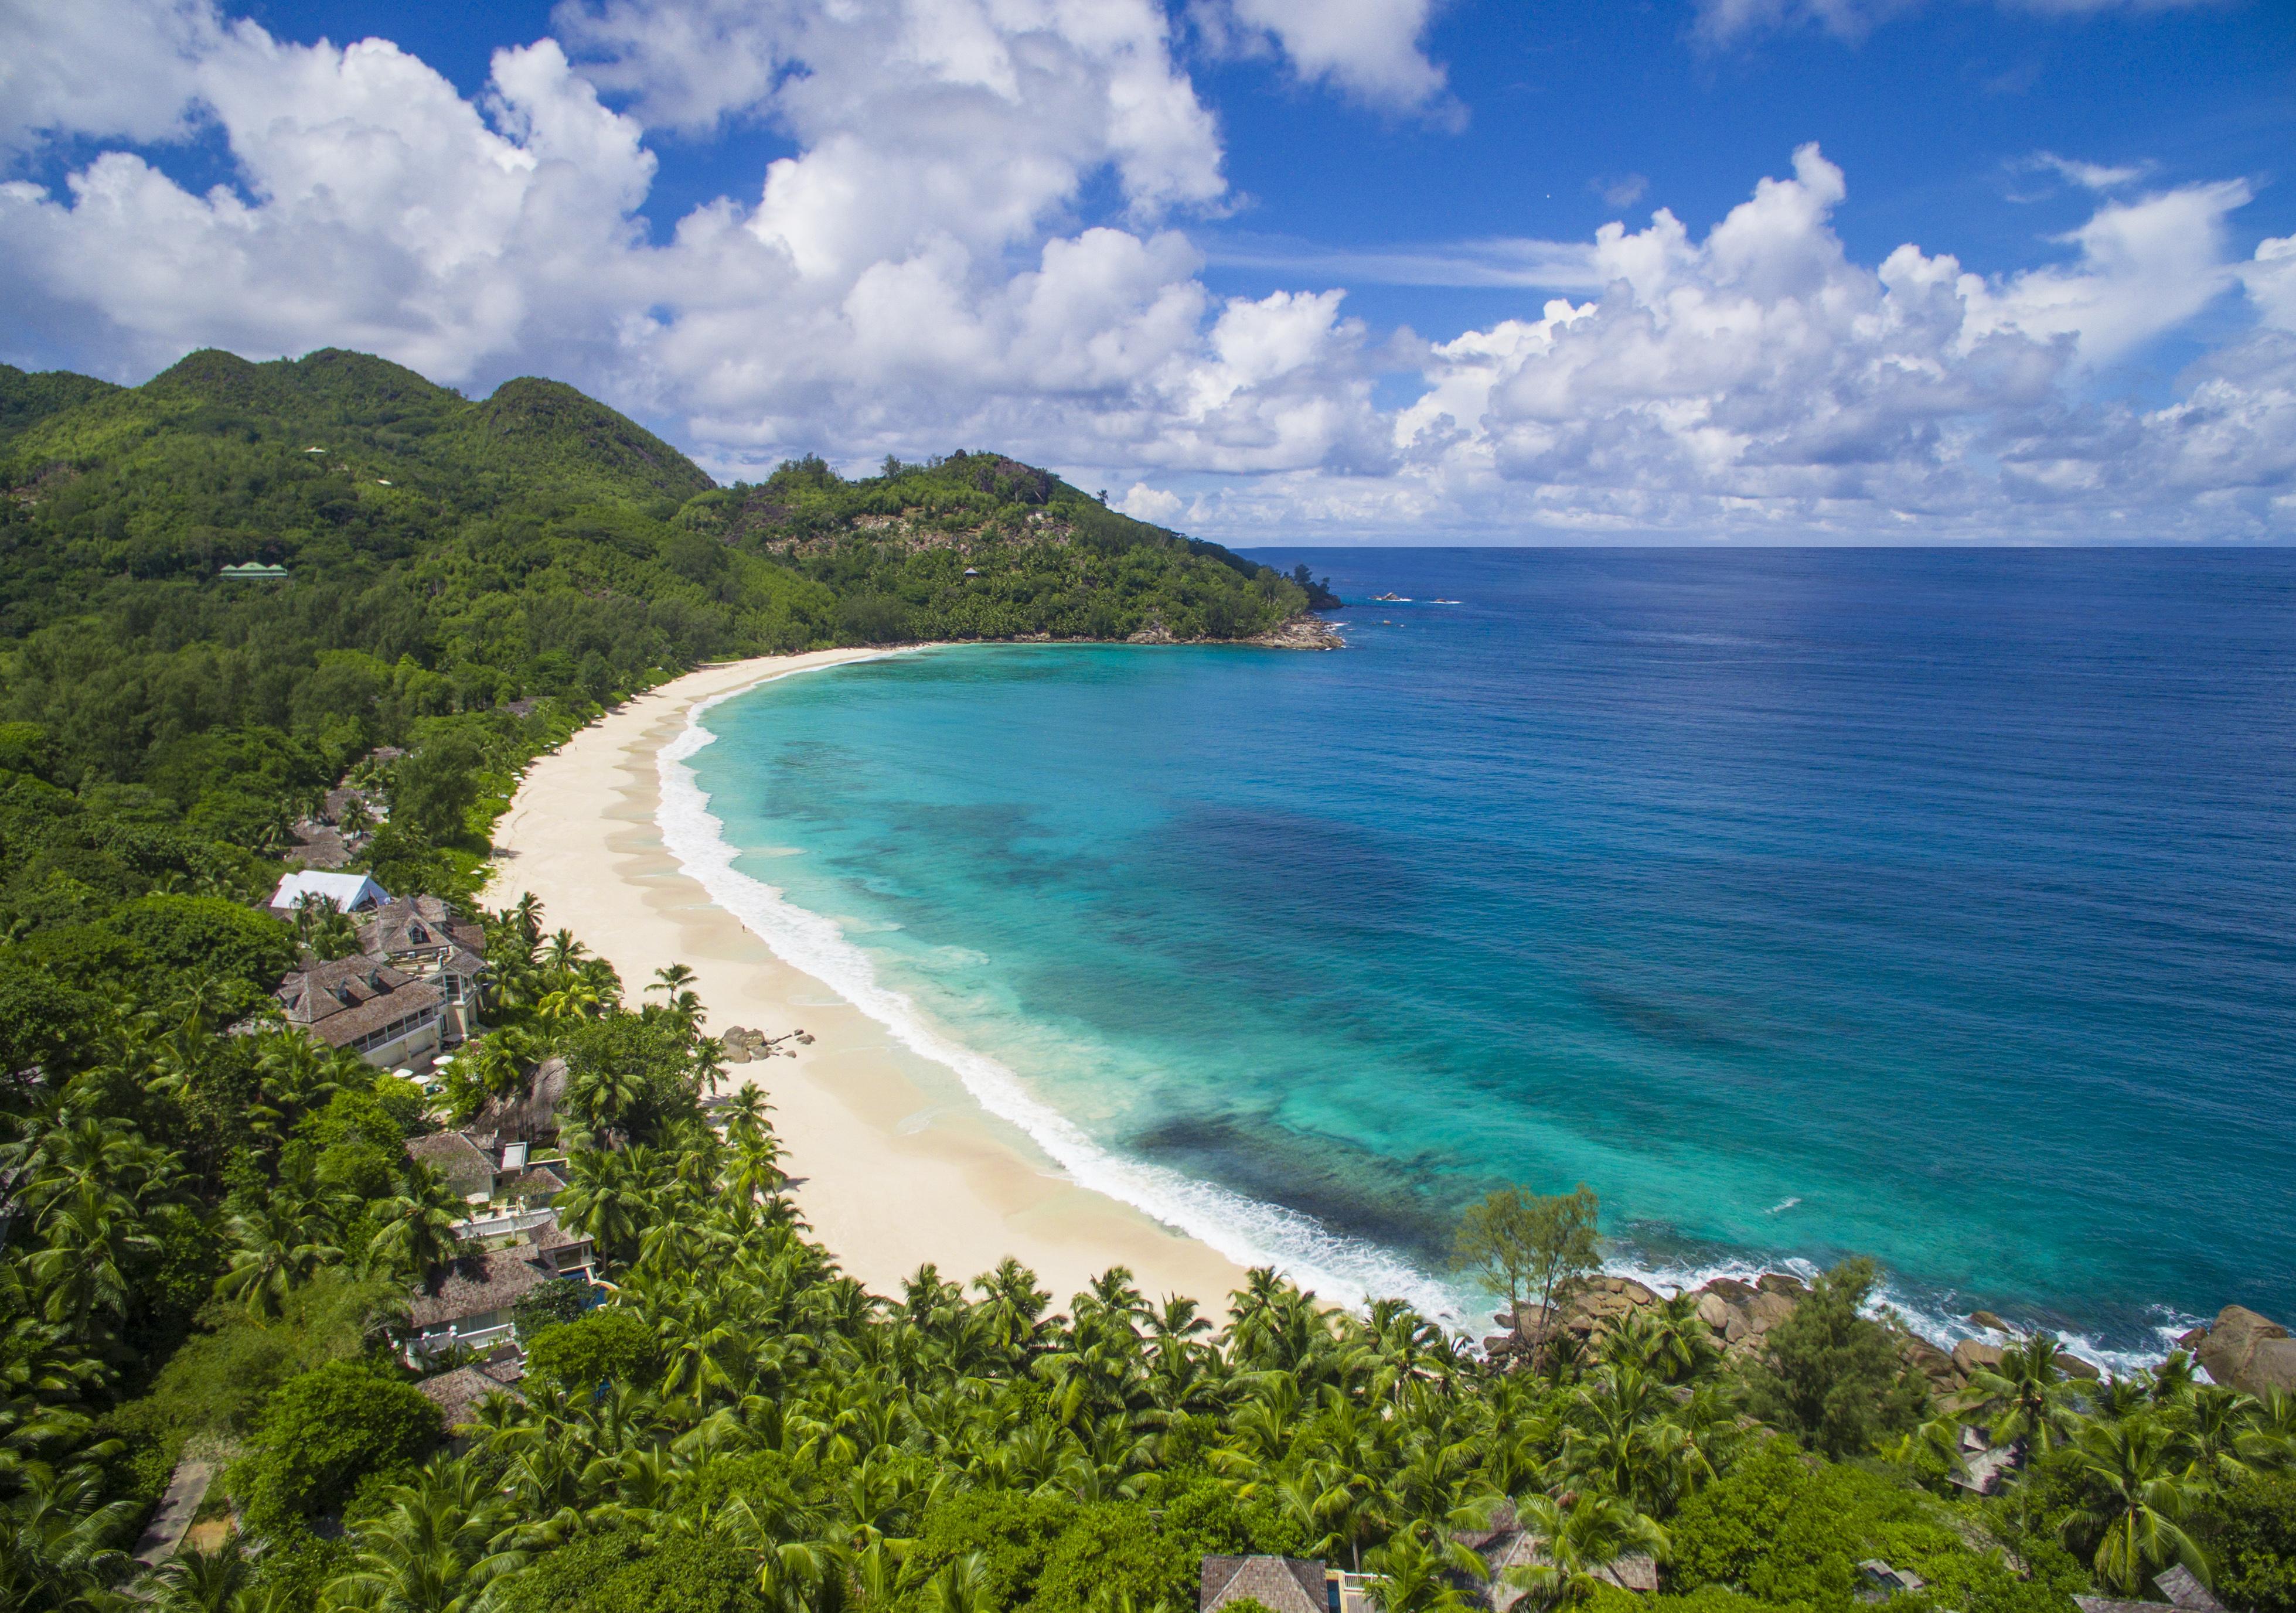 zil-pasyon-beach-seychelles